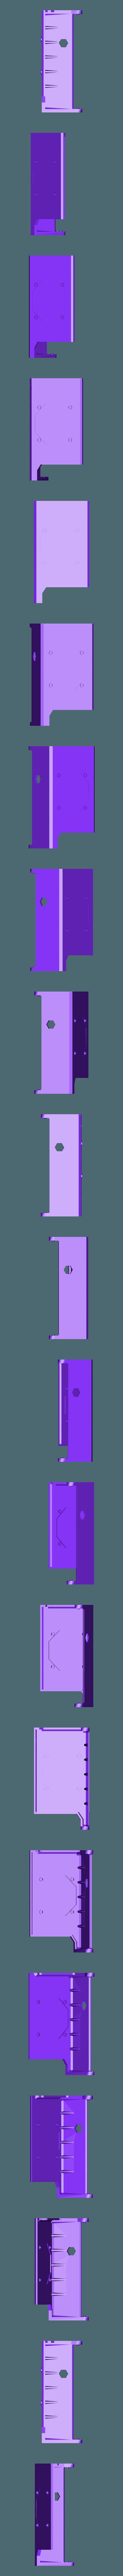 dasaki_ramps_enclosure_cover_v2.stl Télécharger fichier STL gratuit Dasaki Ramps 1.4 Boîtier / Boîte / Boîtier • Plan pour impression 3D, dasaki